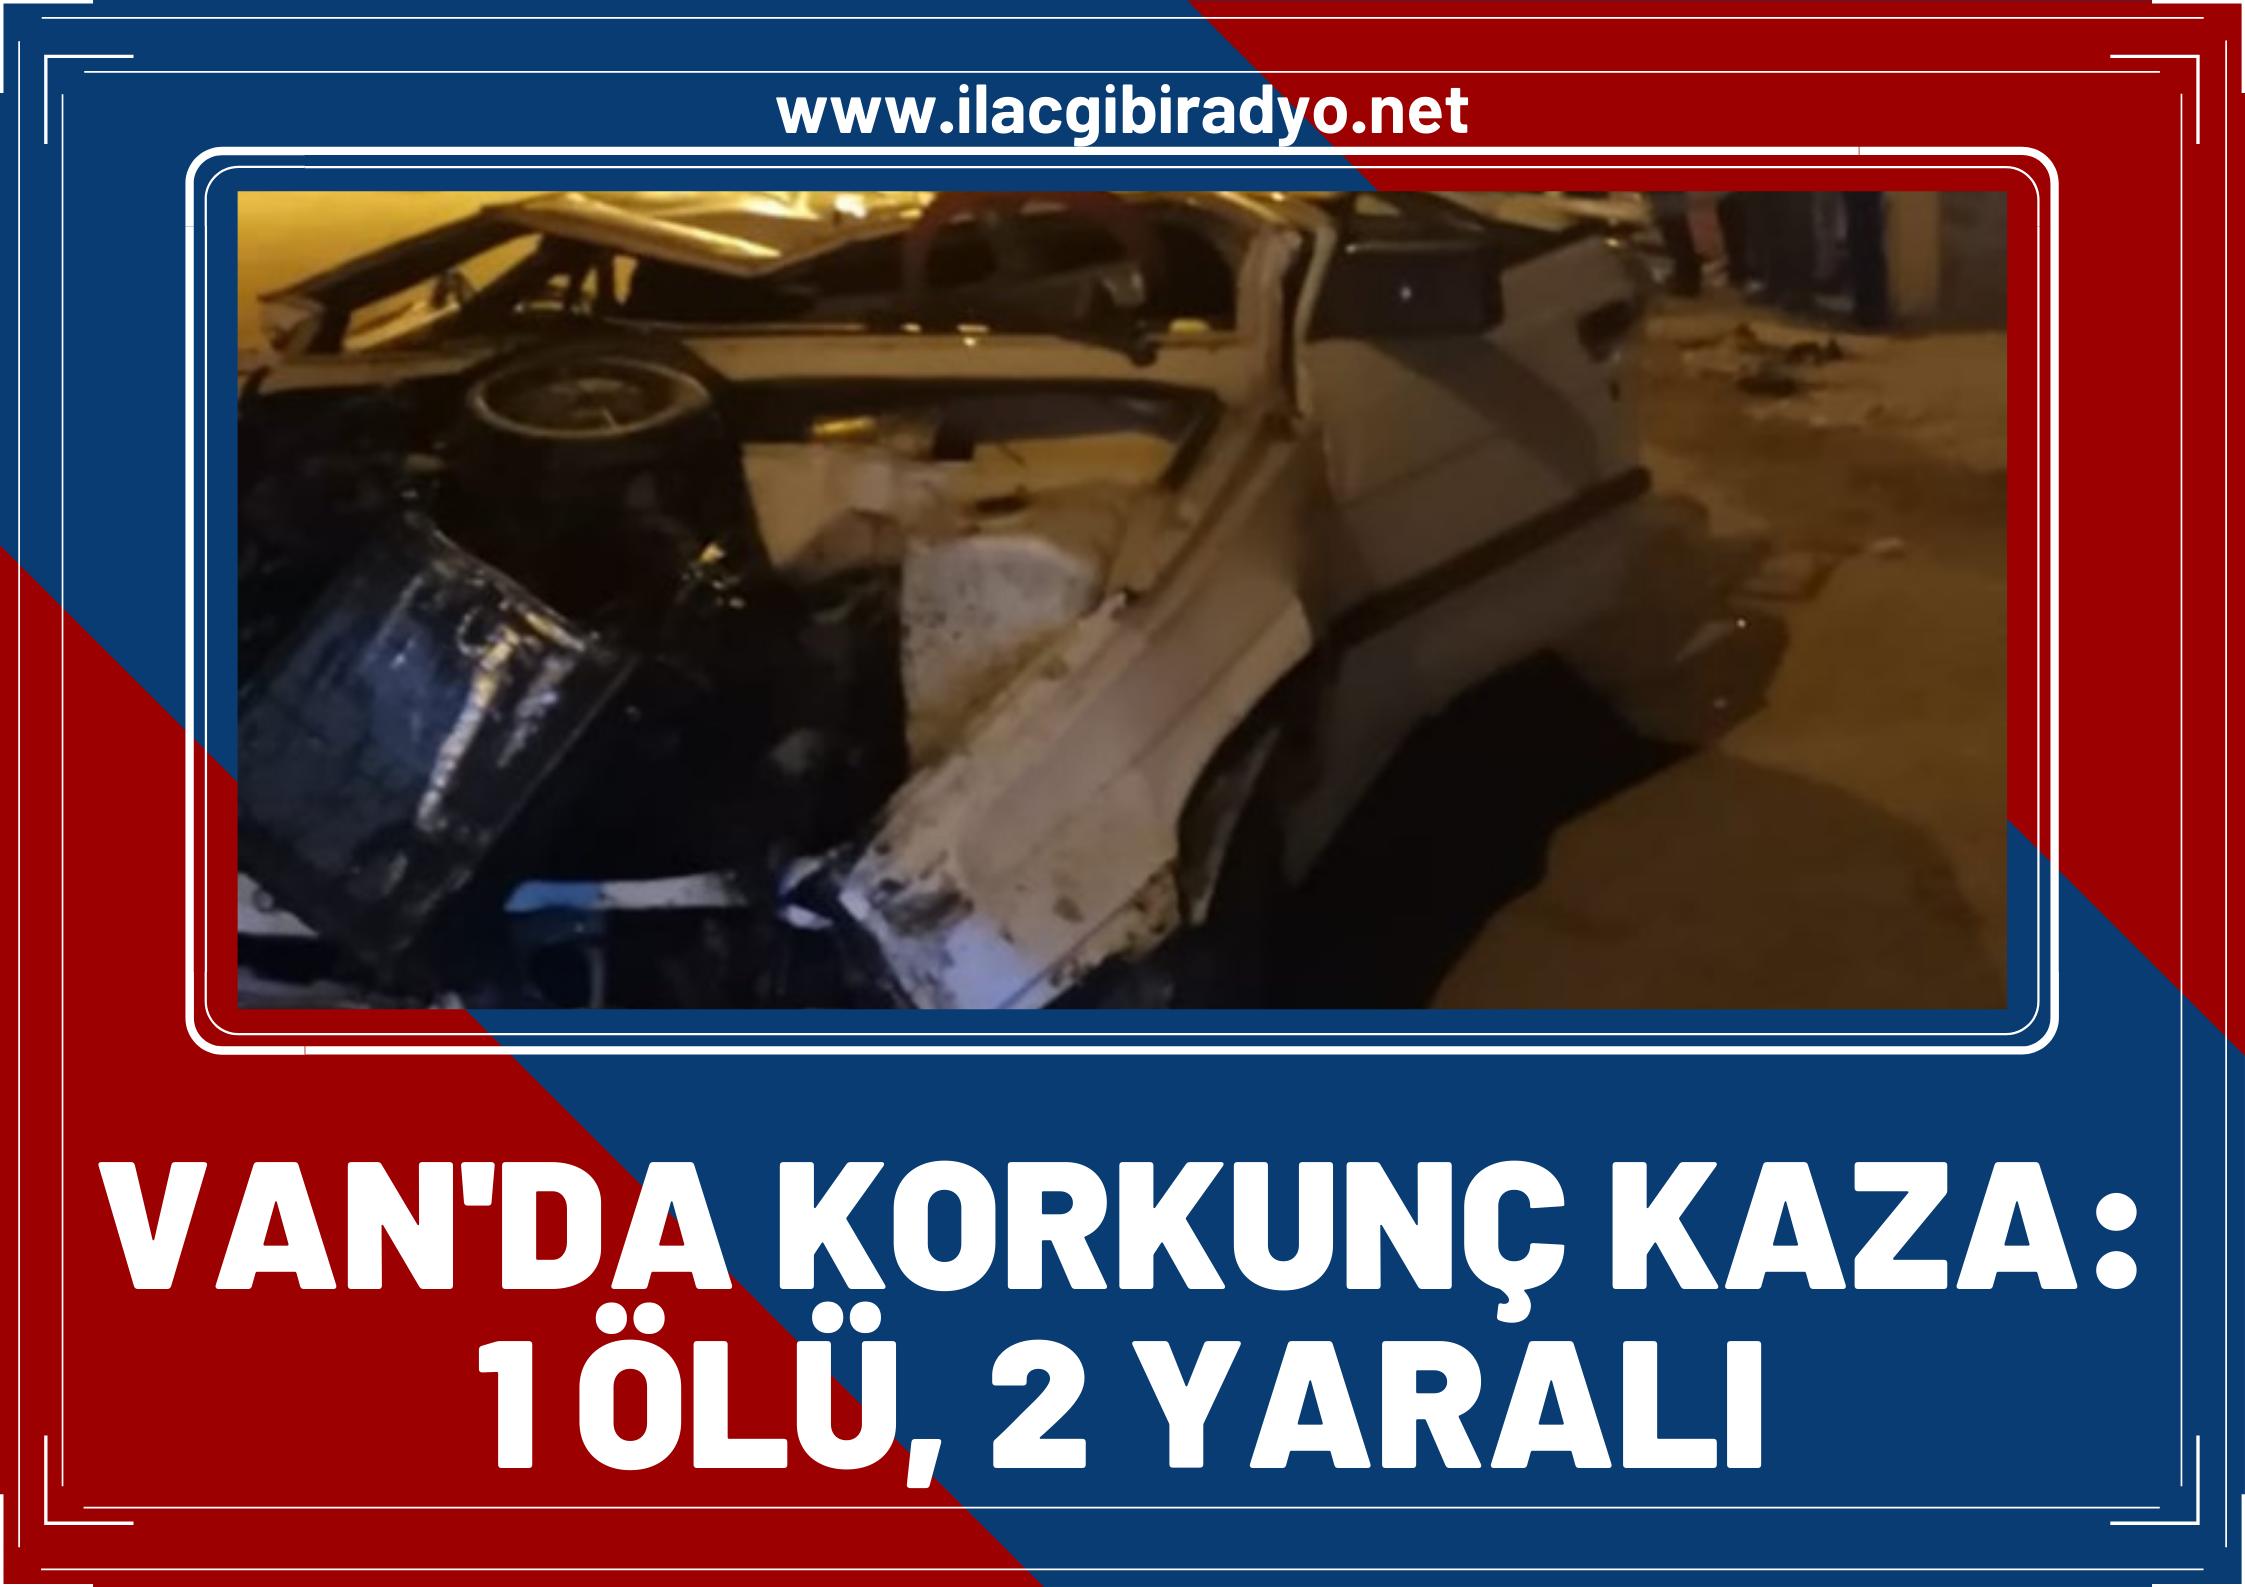 Van'da Korkunç Kaza! Otomobil 8 metre yükseklikteki köprüden uçtu: 1 ölü, 2 yaralı